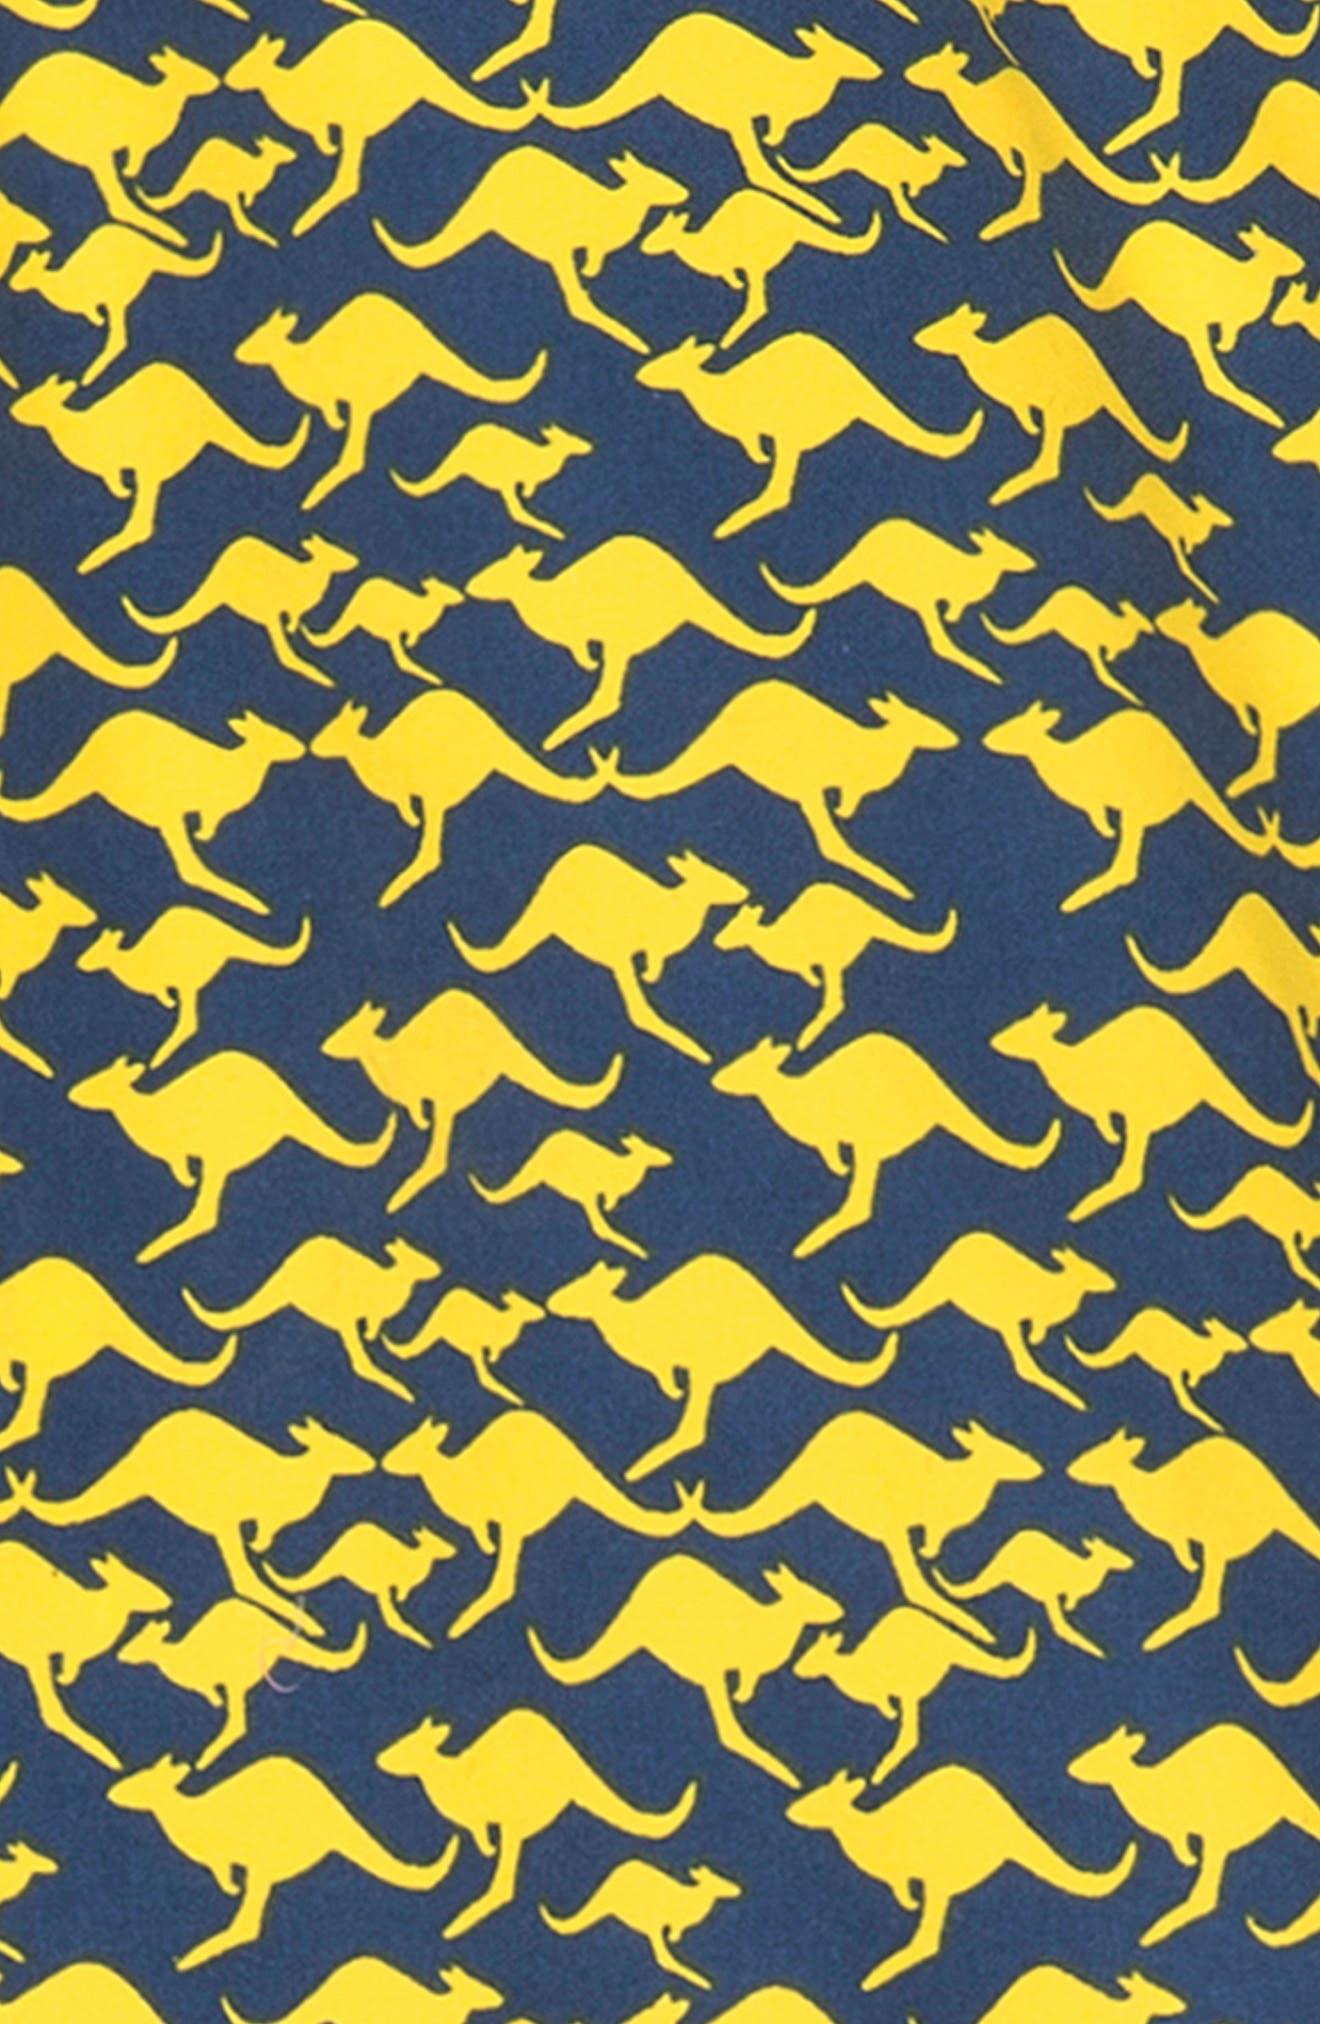 Kangaroo Swim Trunks,                             Alternate thumbnail 3, color,                             Dandelion